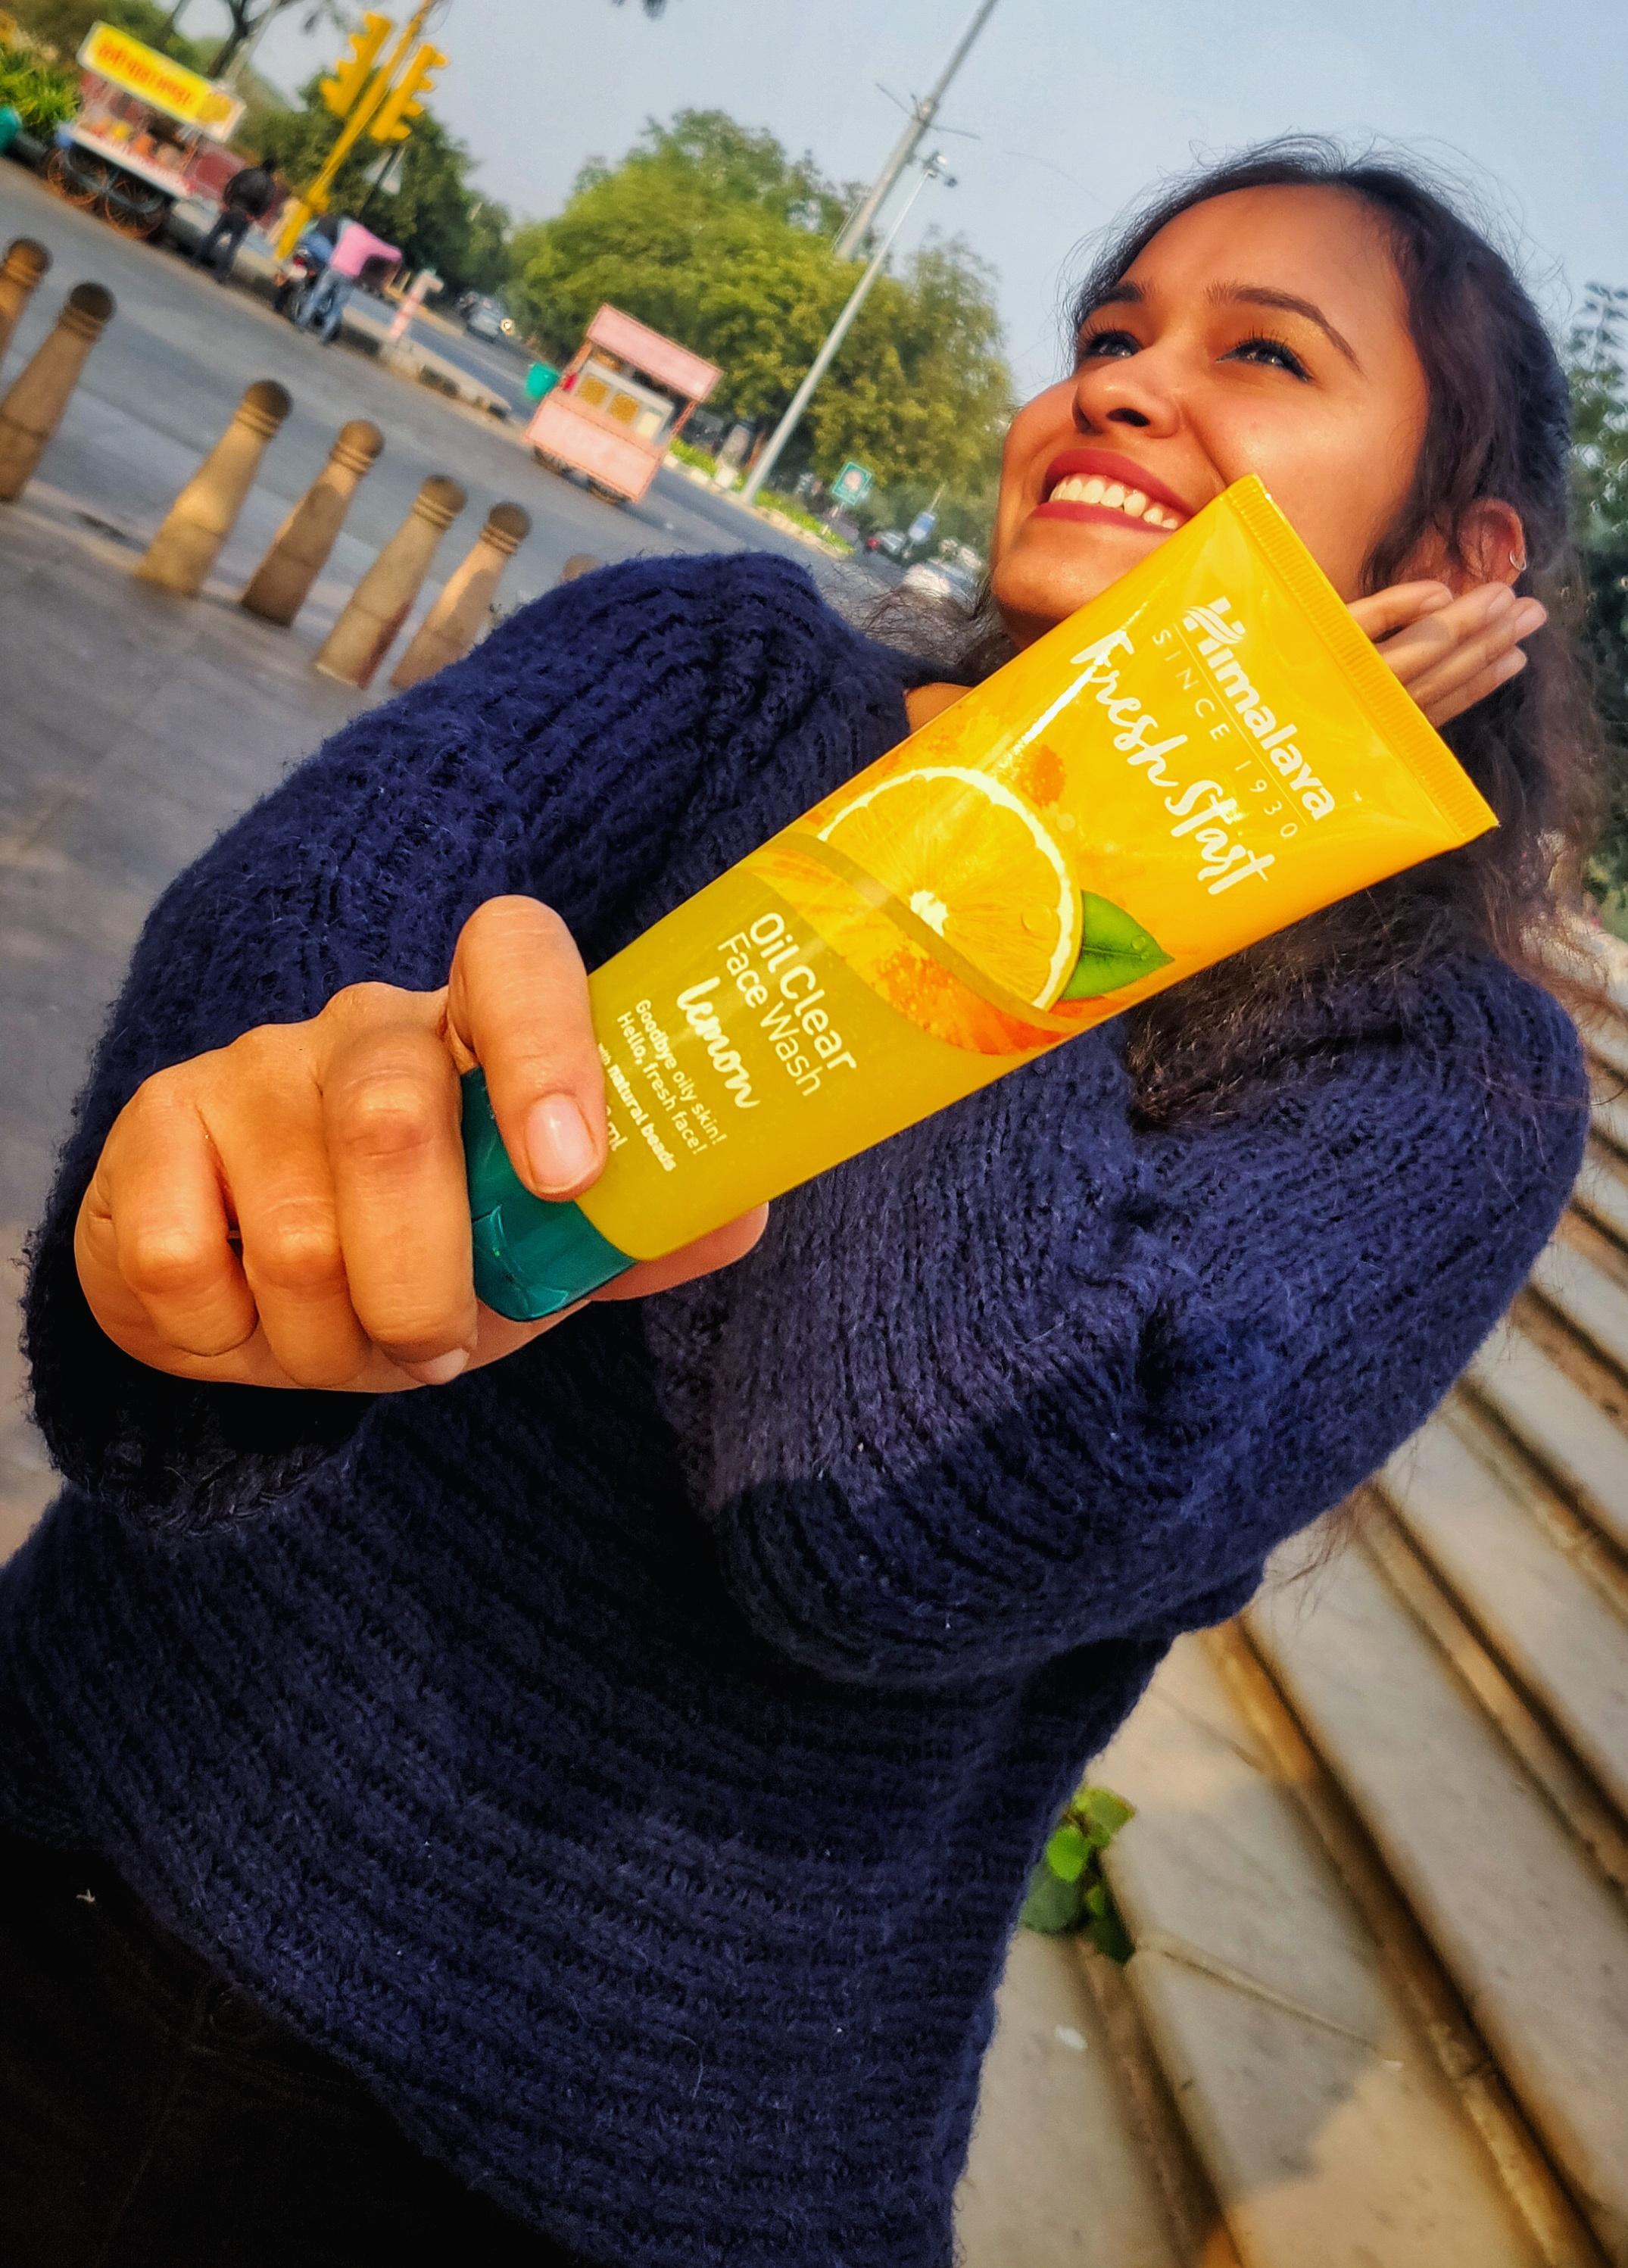 Himalaya Herbals Fresh Start Oil Clear Lemon Face Wash -Lemon freshness-By taniyajoshi13